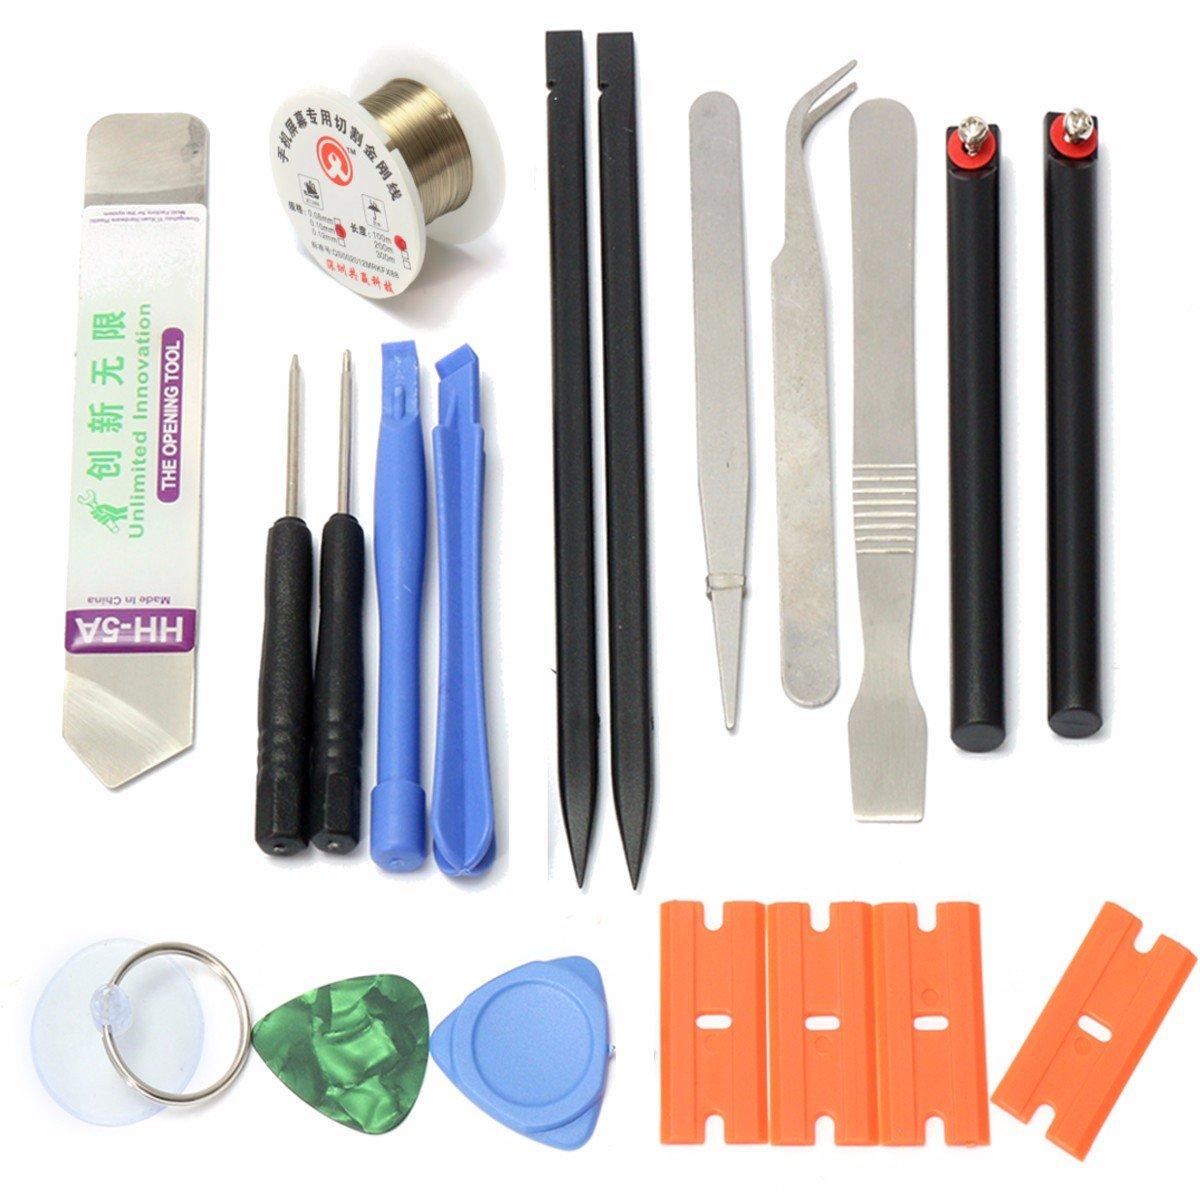 10 in 1 Opening Pry Tool Set Spudger Tweezers Nylon Plastic Opener Screwdrivers